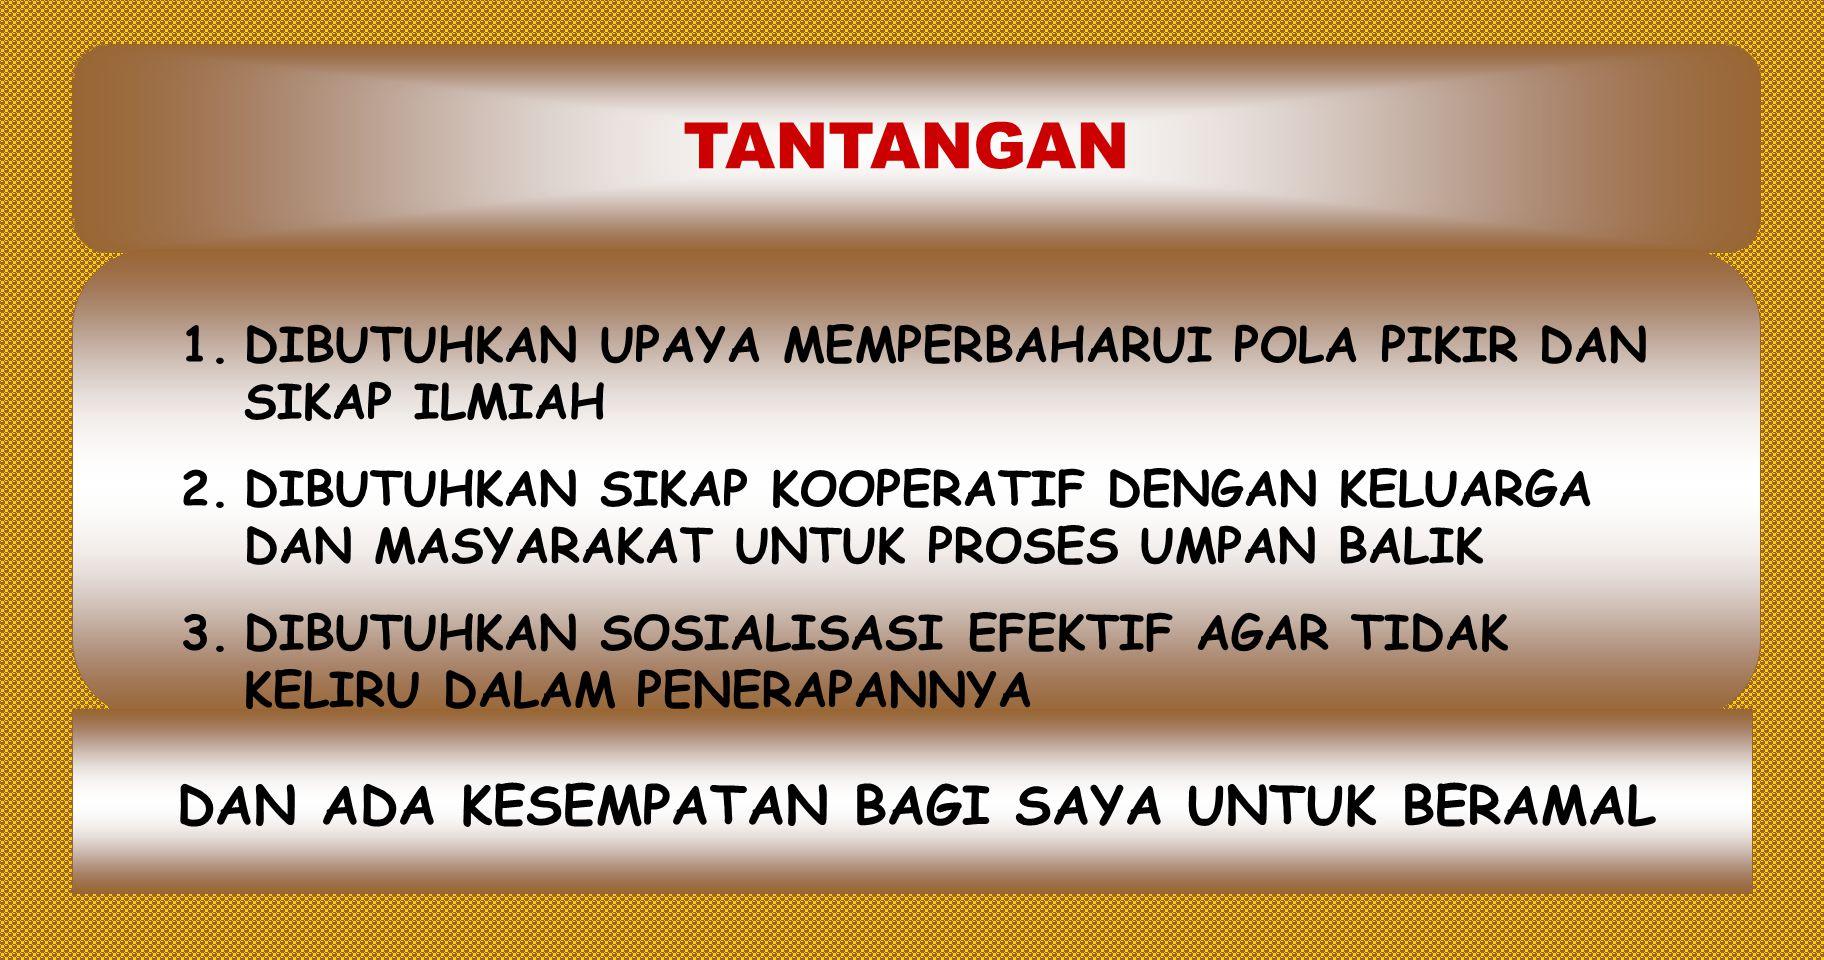 1.MOMENTUM INOVASI PENDIDIKAN DALAM DALAM MEWUJUDKAN ERA REFORMASI 2.SUMBER BELAJAR TERSEDIA LUAS DI PASARAN 3.TEKNOLOGI PENDIDIKAN MAKIN BERKEMBANG DAN TERSEDIA LUAS 4.KECENDERUNGAN PERSAINGAN INDIVIDUAL YANG BEBAS DAN SPORTIF 5.DIBUTUHKAN PEMBINAAN SIKAP PRODUKTIF DAN NILAI DIDIK LAINNYA.